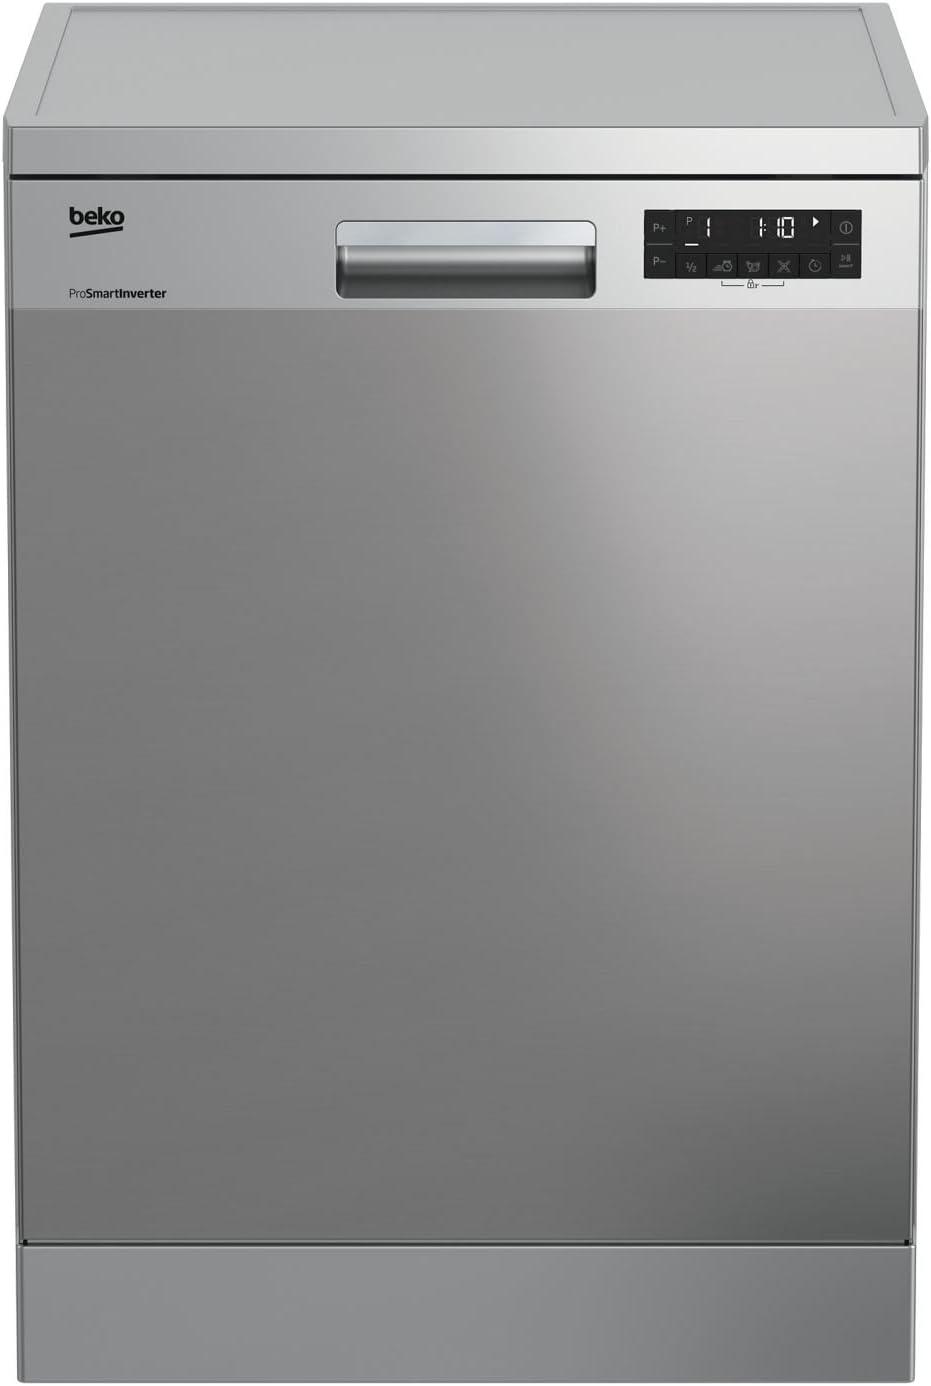 Beko DFN28422X Independiente 14cubiertos A++ lavavajilla - Lavavajillas (Independiente, Acero inoxidable, Tamaño completo (60 cm), Acero inoxidable, Botones, LCD)